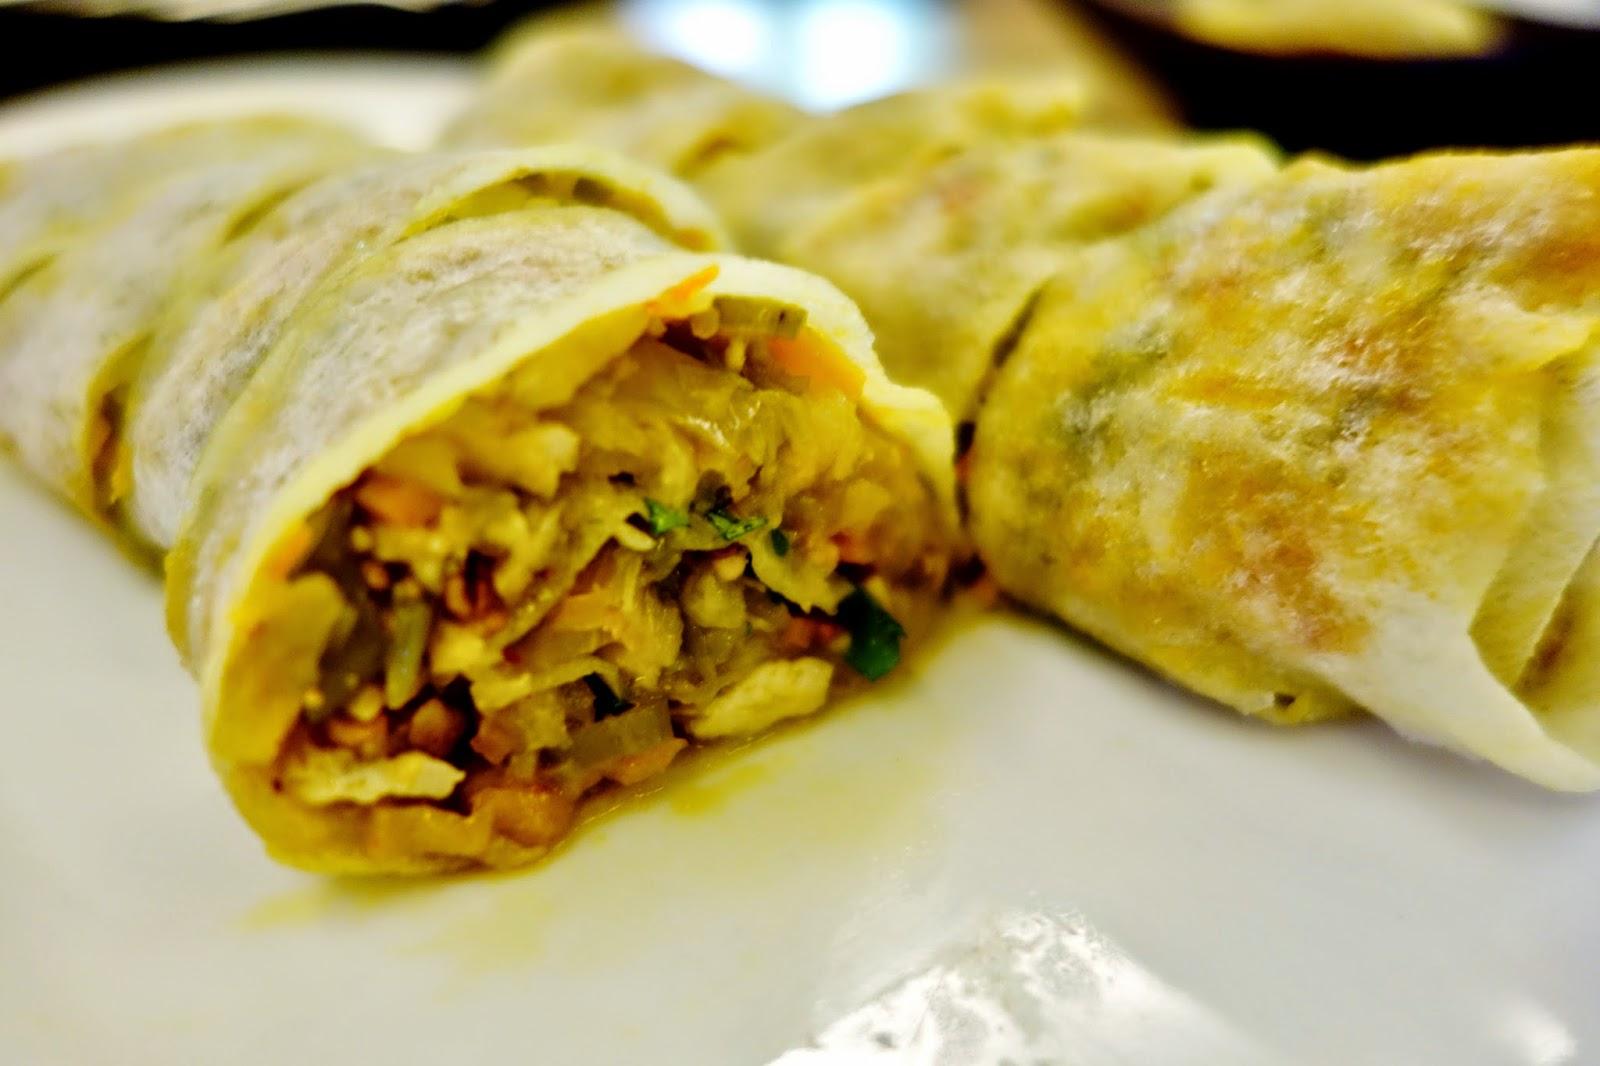 isttoast.: Food places: Lee's Kitchen